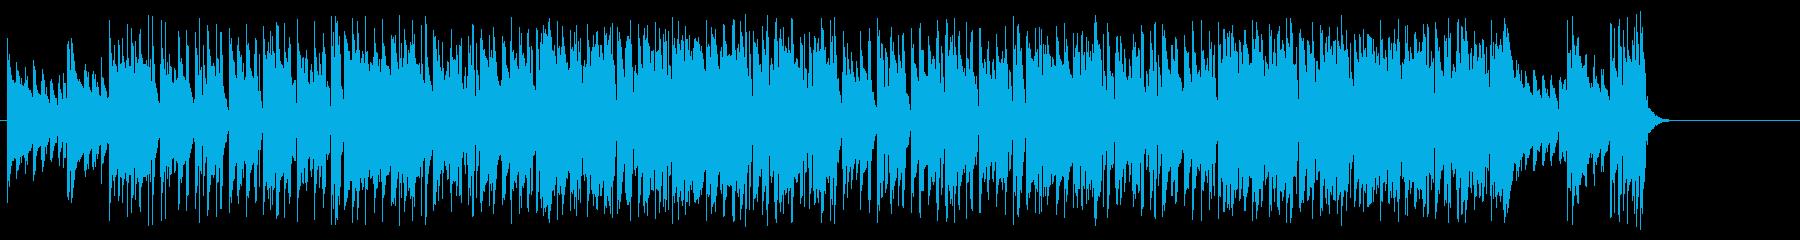 タイトなブラス・ロック・アンサンブルの再生済みの波形